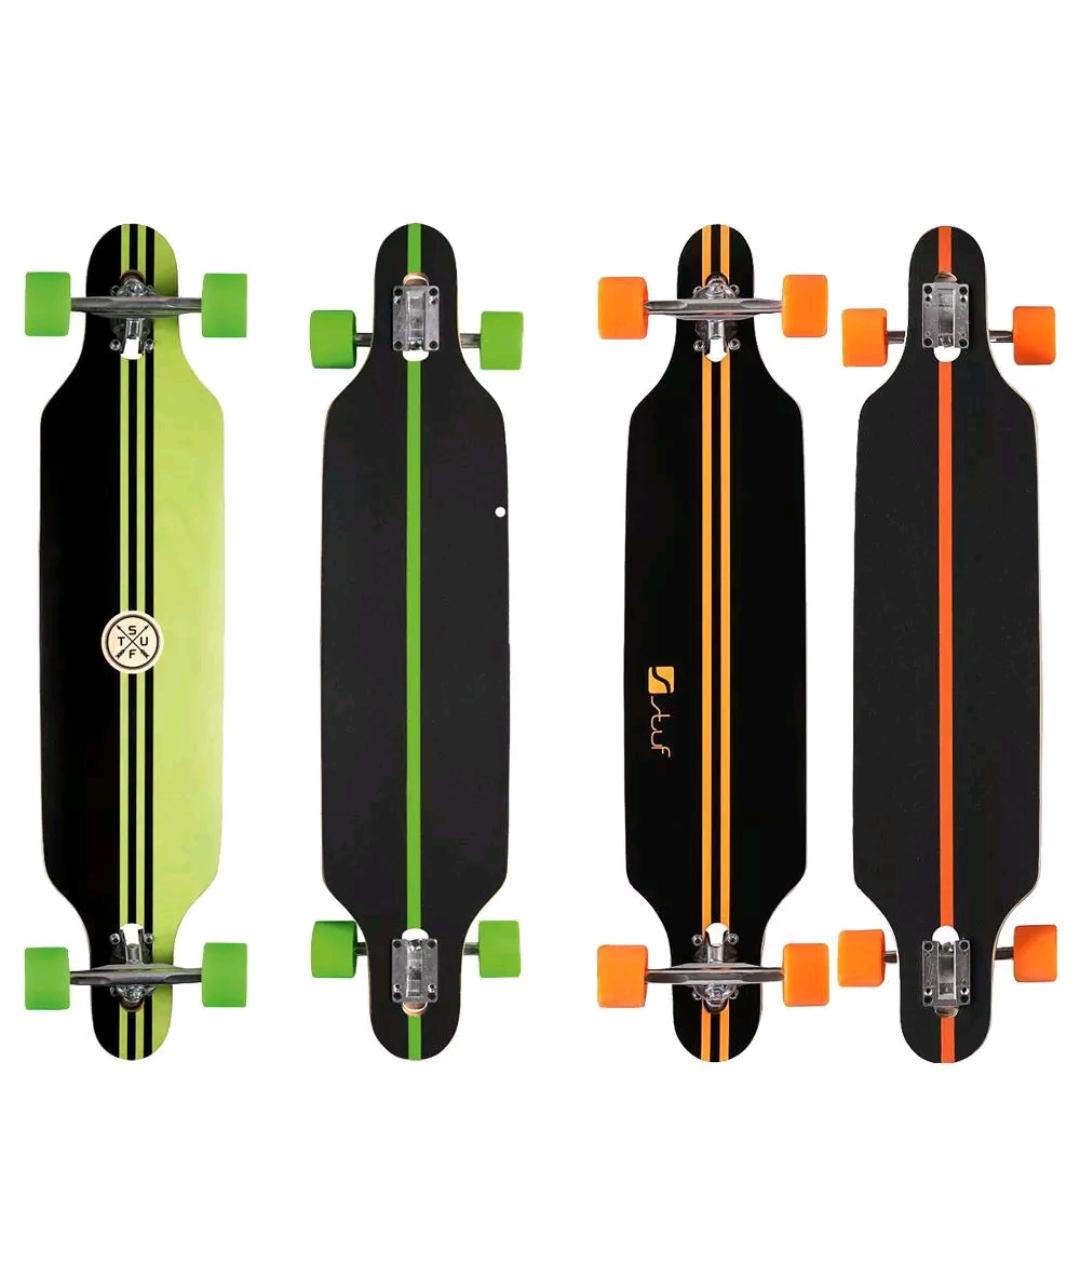 [eBay WoW] Stuf Longboard Skateboard nur 19,99€ inklusive Versand**